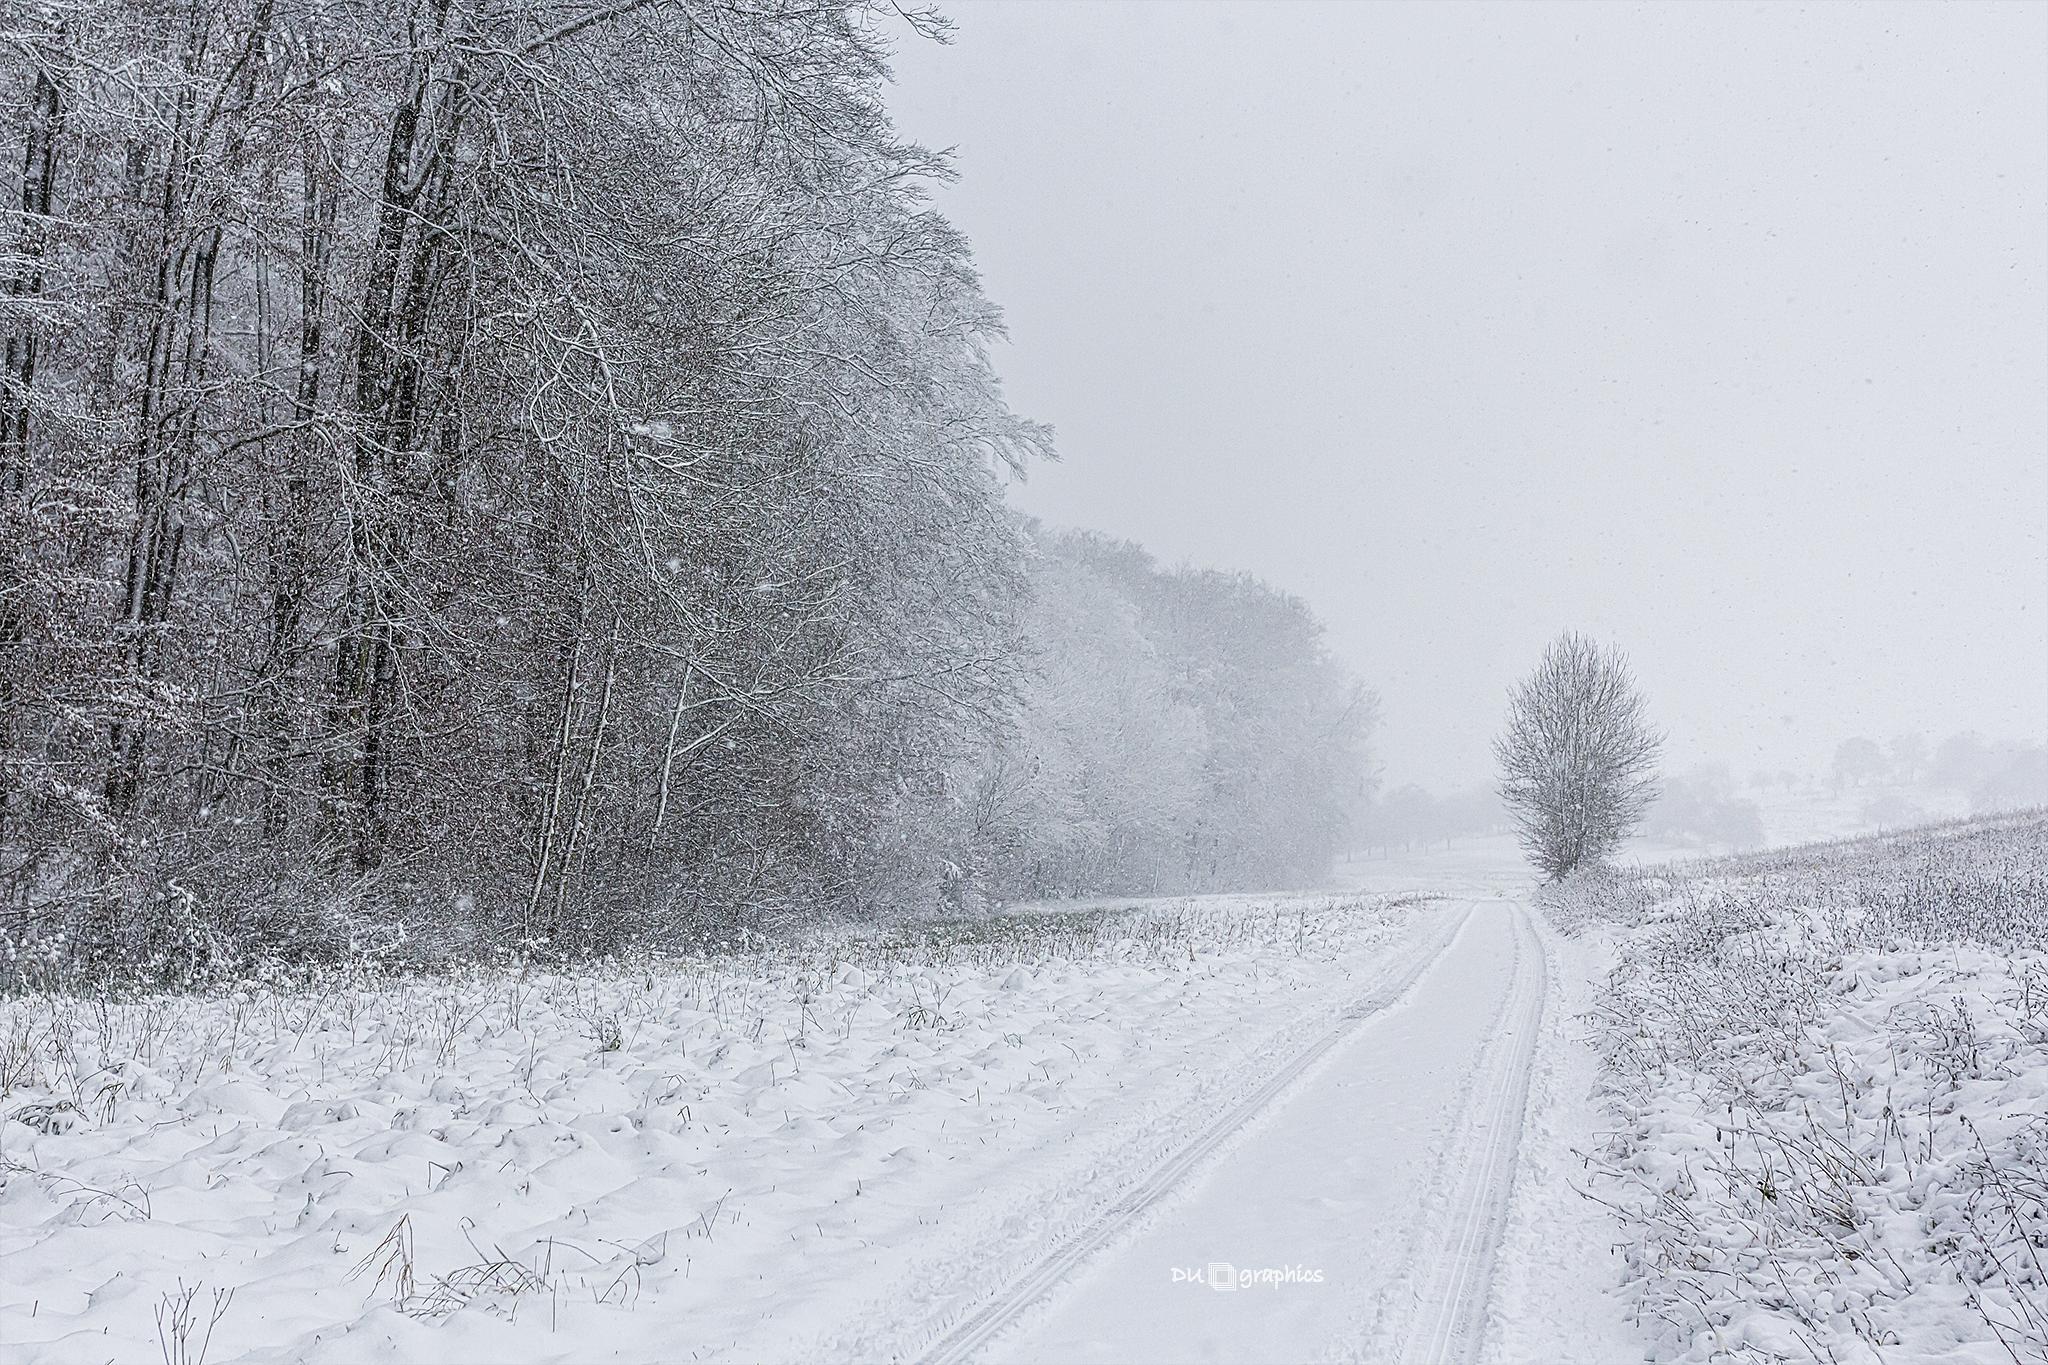 snowroad in winter 2014 by daniel u.